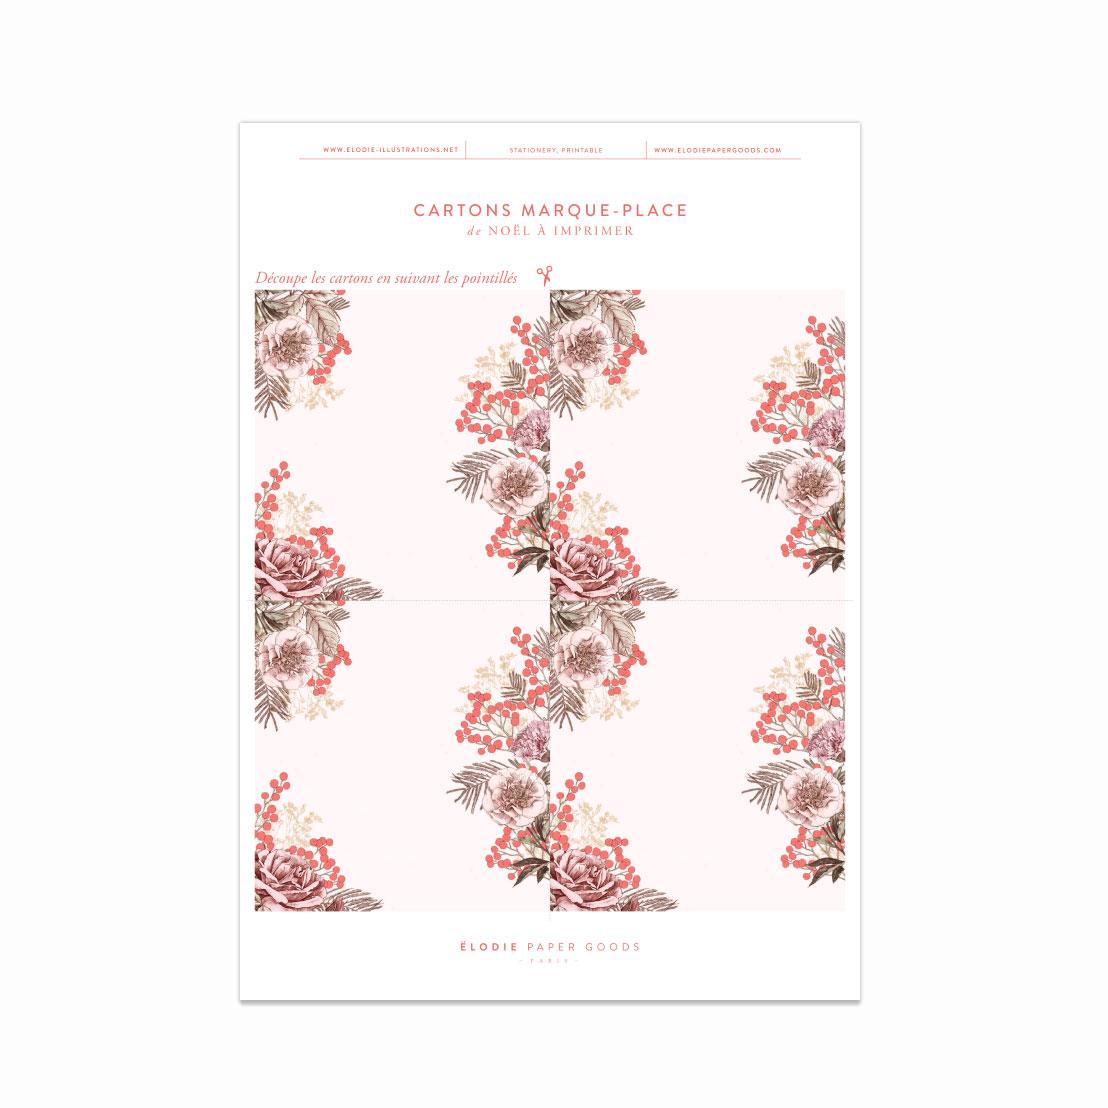 Marques Places Noel A Imprimer Gratuitement Pour Votre Reveillon Elodie Fashion Lifestyle Illustrator